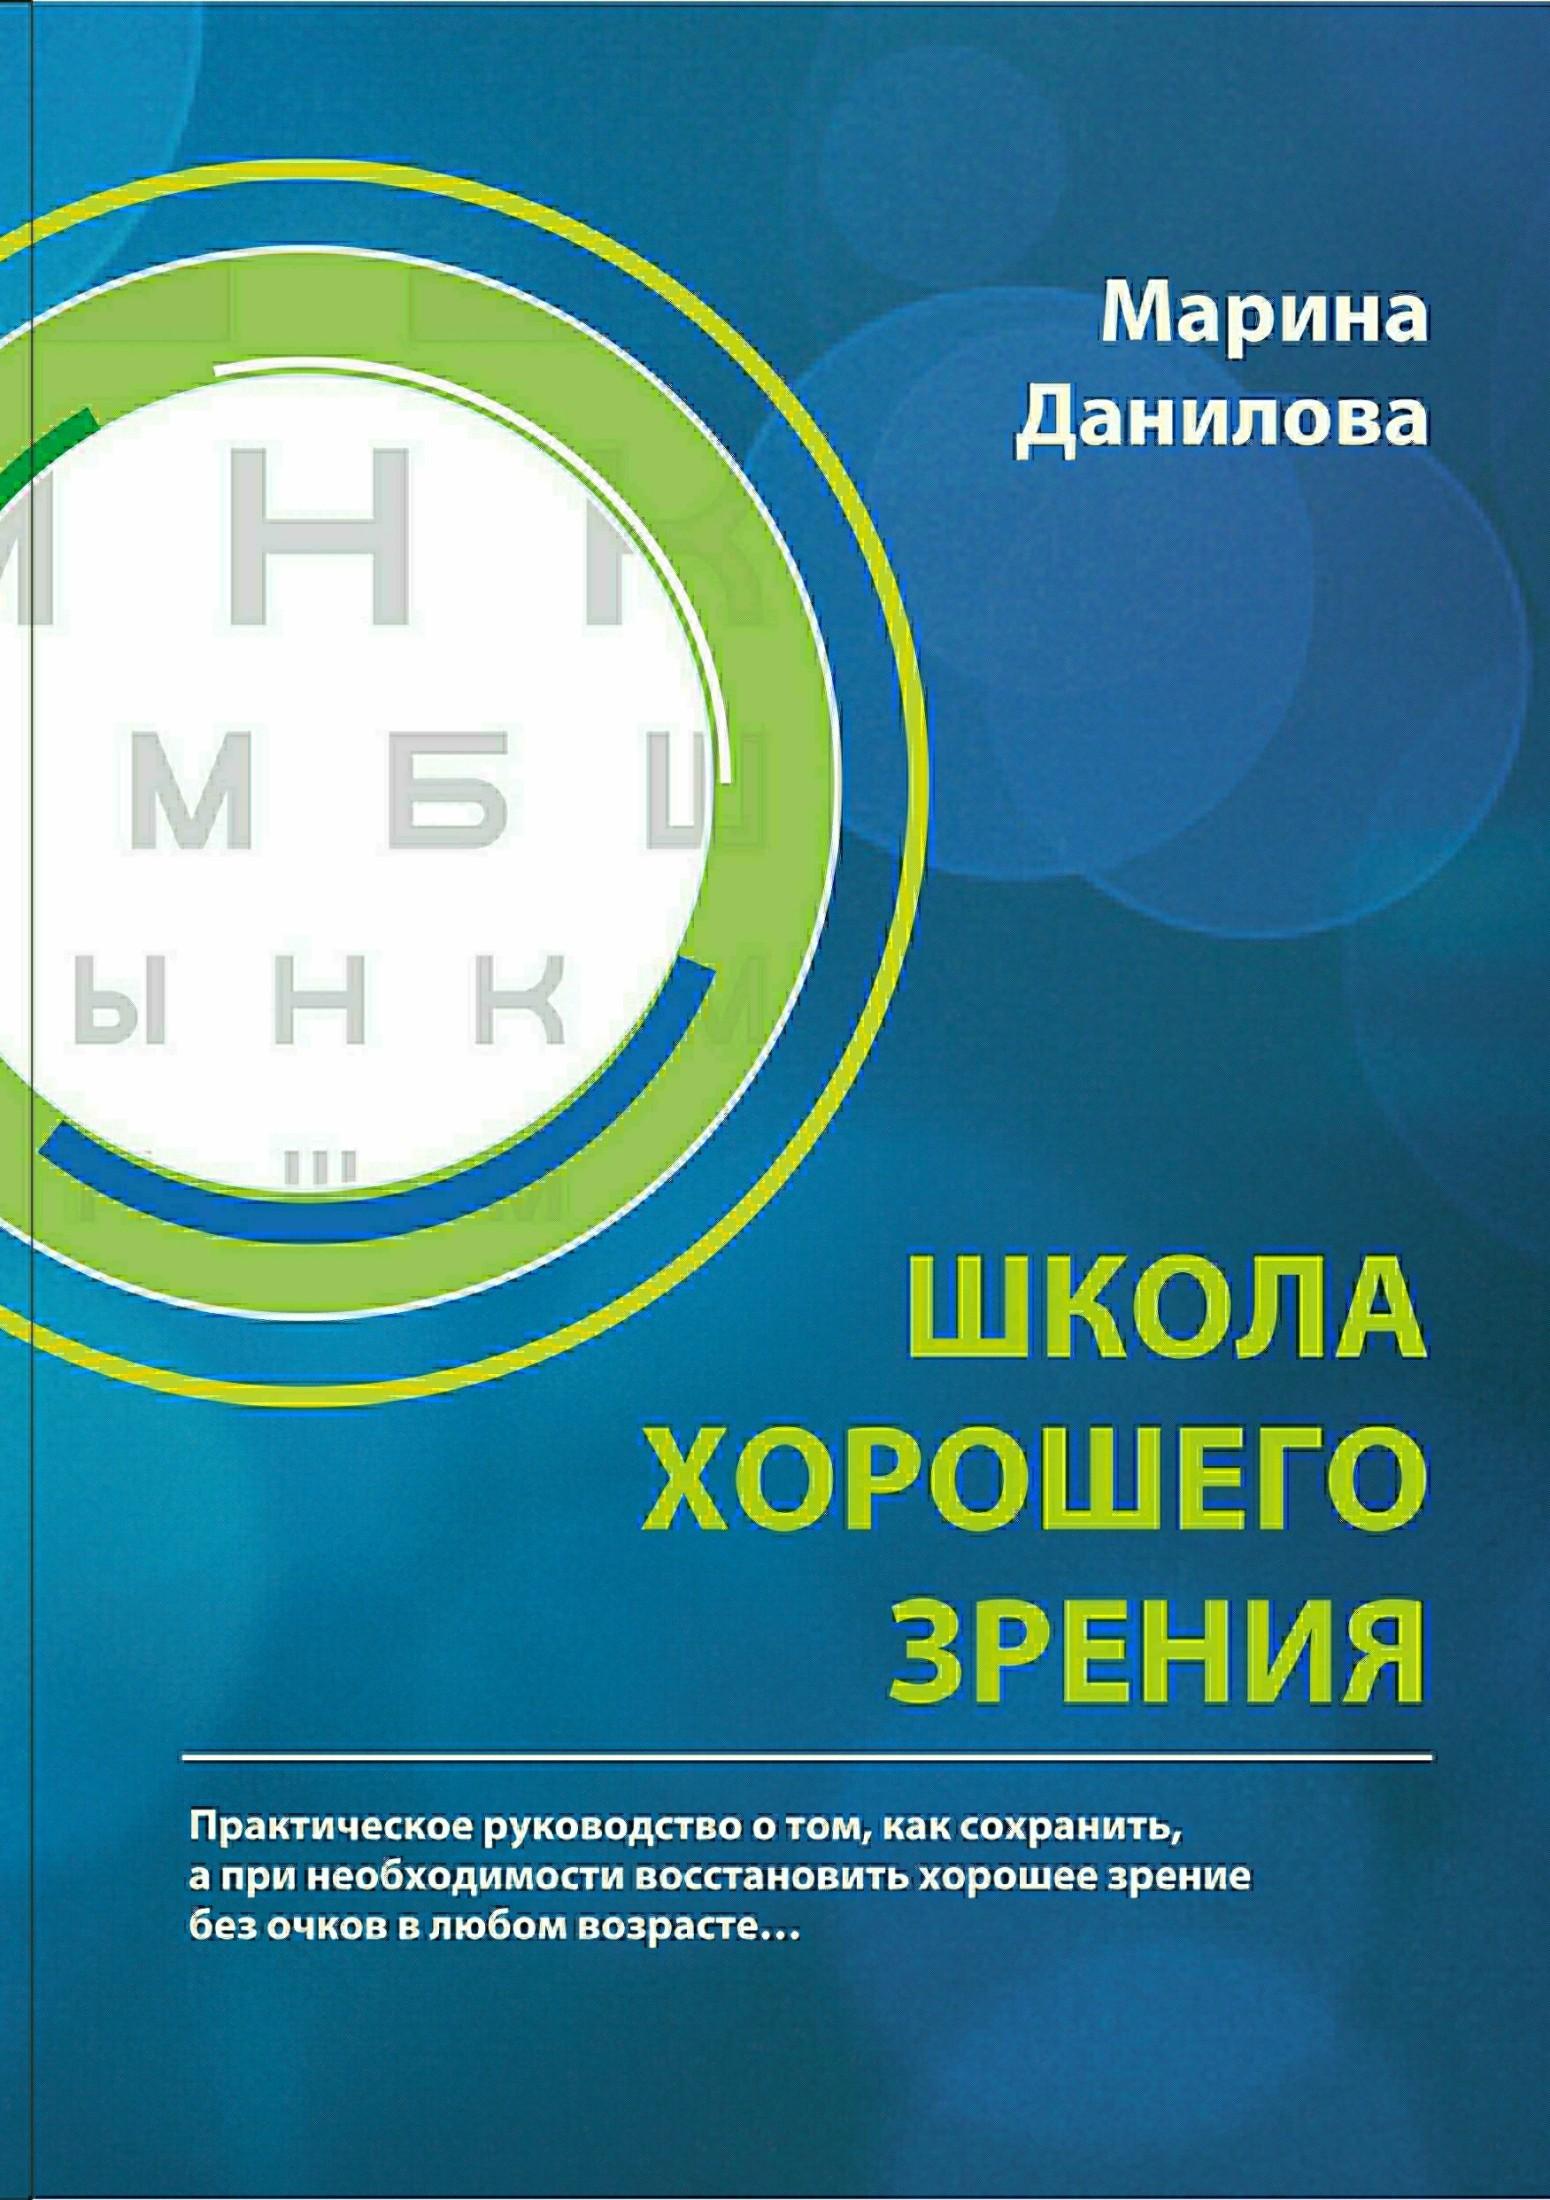 Марина Петровна Данилова Школа Хорошего Зрения хорошее зрение настольная лампа для обучения защищать глаза